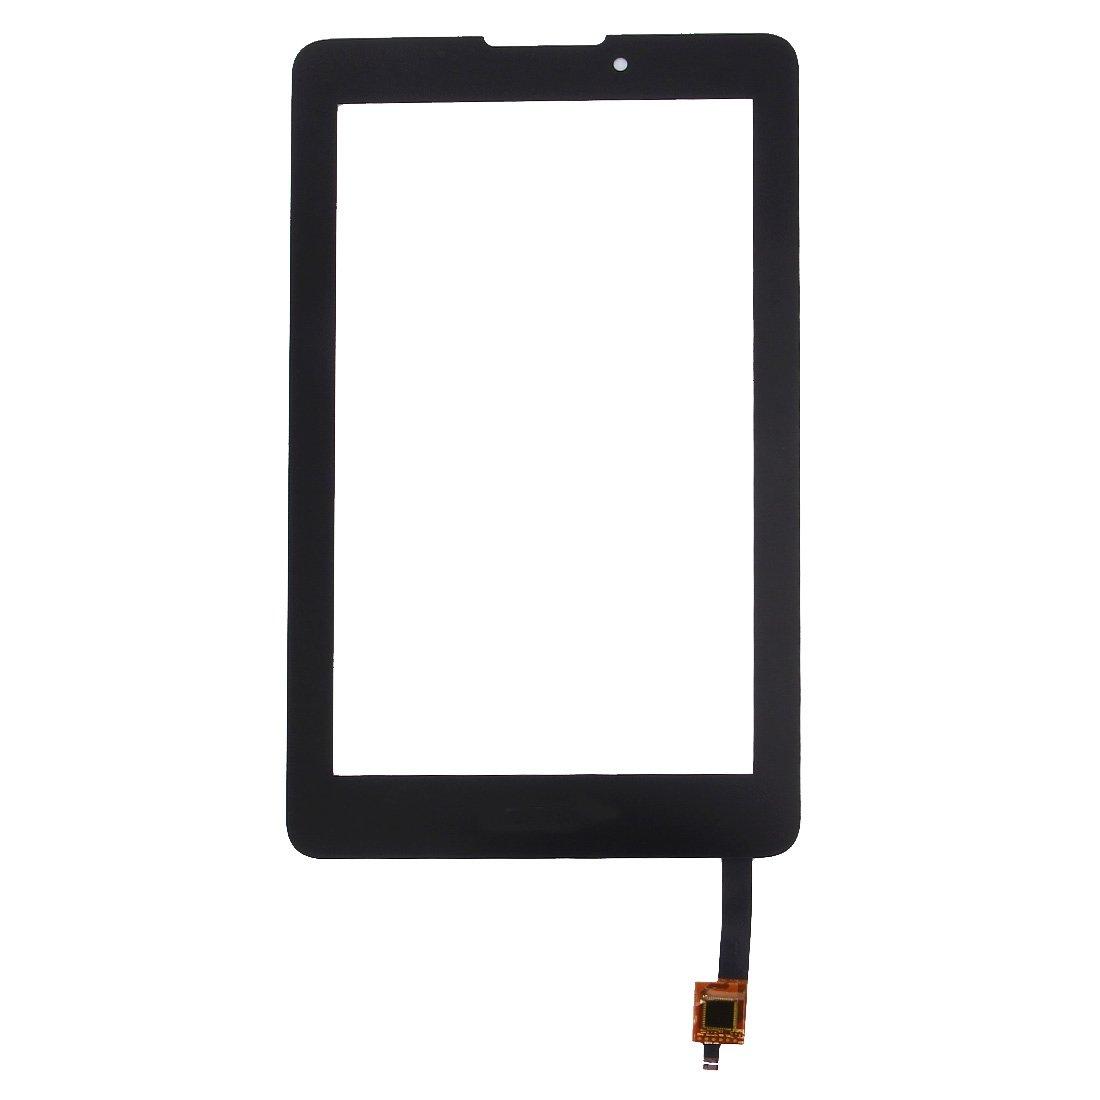 【超安い】 部品交換用パーツ Acer Iconia Tab 7 Acer A1-713のタッチスクリーン (色 (色 Tab : Black) Black B07RTSFMK9, cocon.:11bc6c25 --- a0267596.xsph.ru